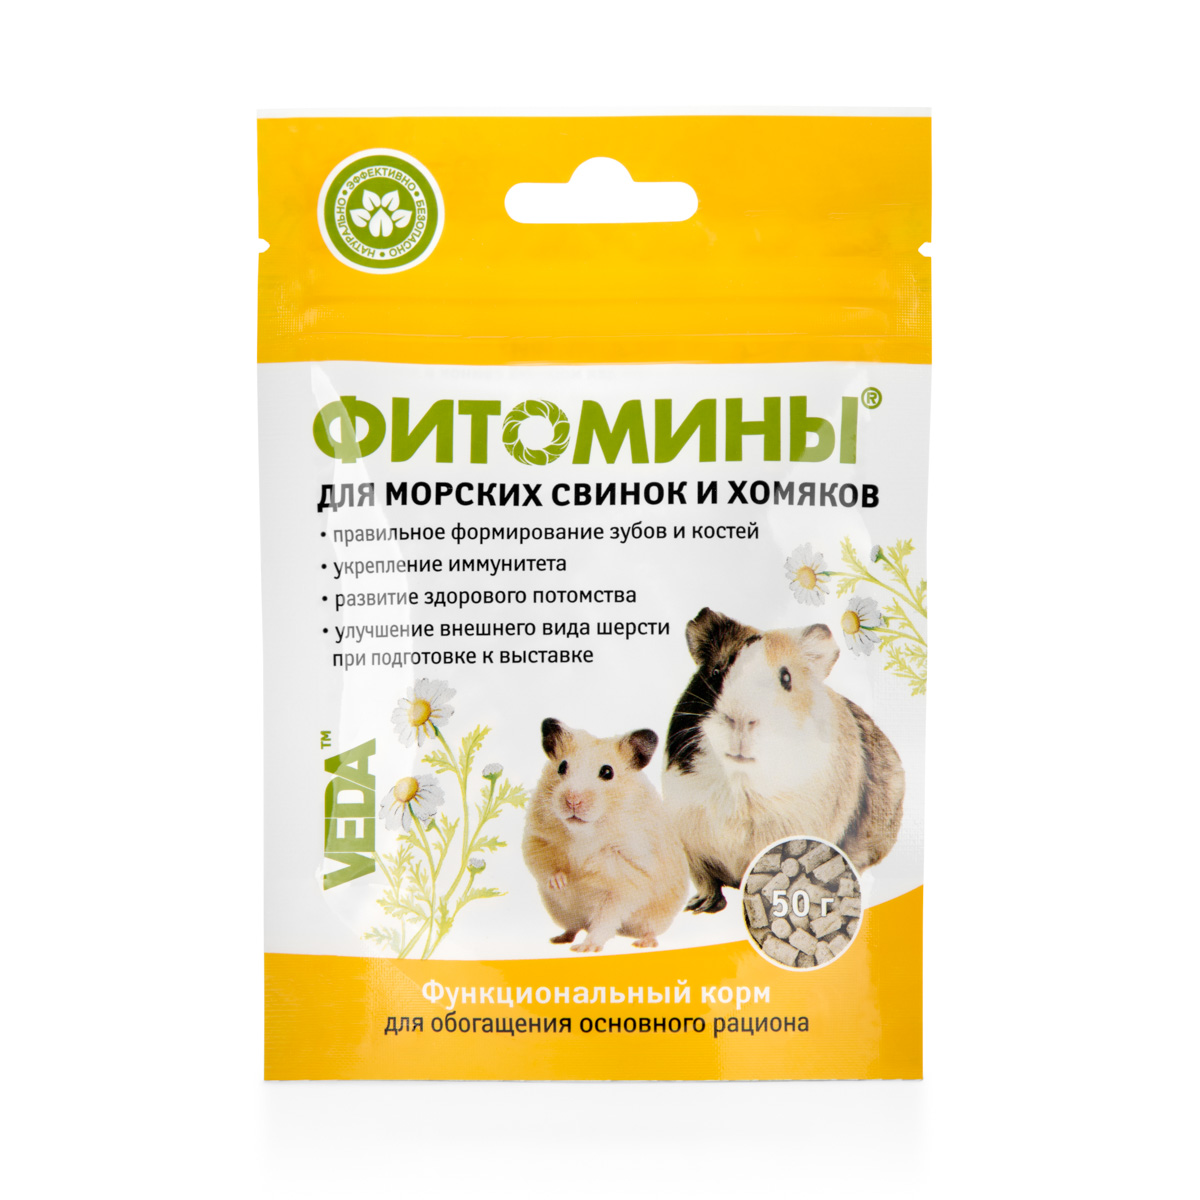 Корм для морских свинок и хомяков VEDA Фитомины, функциональный, 50 г фитомины veda для морских свинок и хомяков 50г